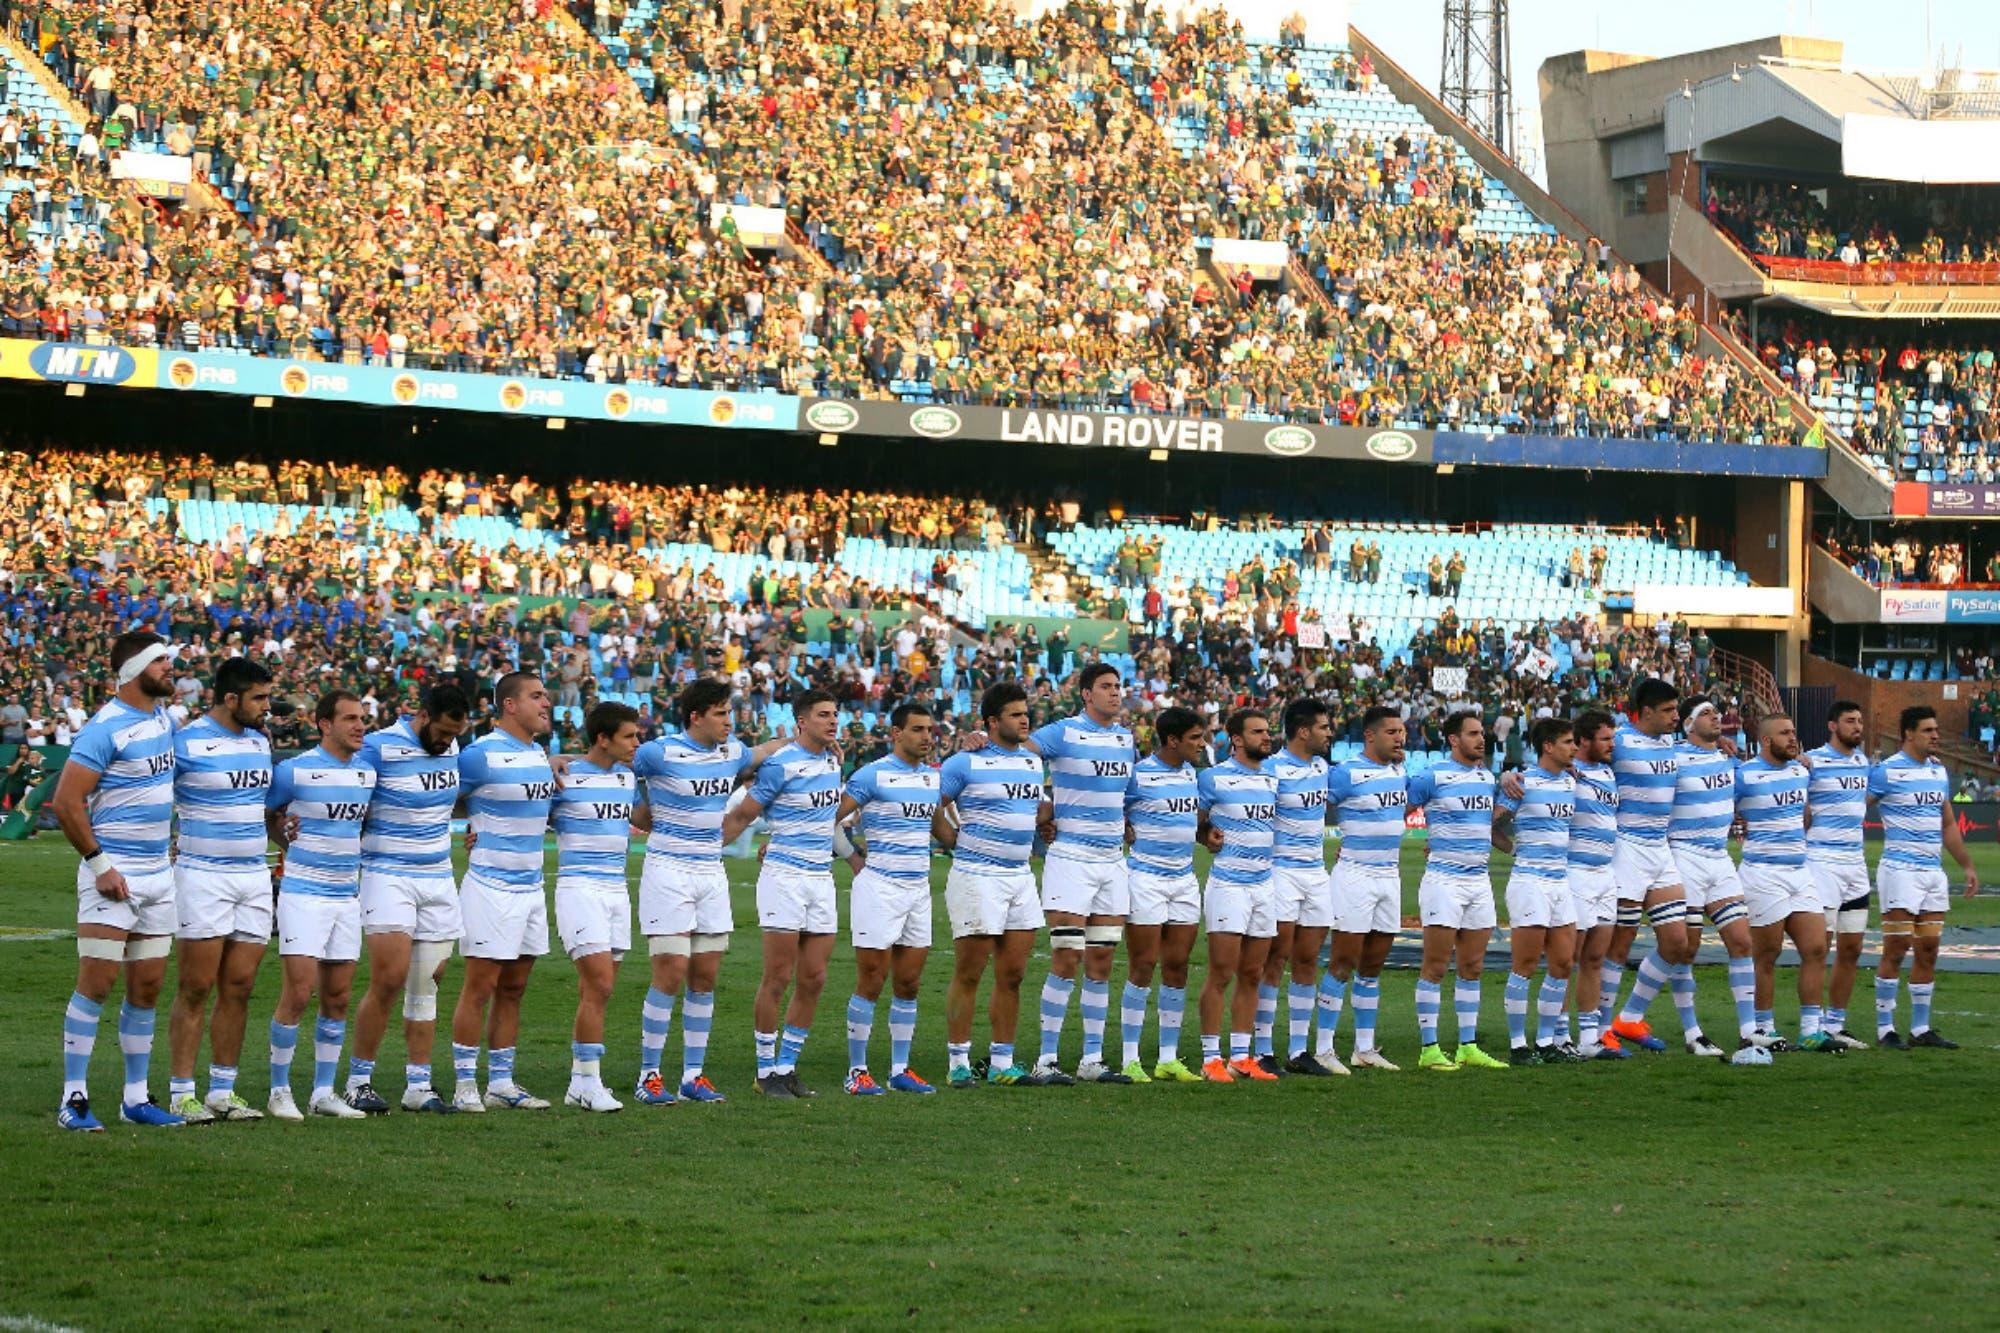 El último examen de los Pumas antes del Mundial de Japón es ante un club de Australia